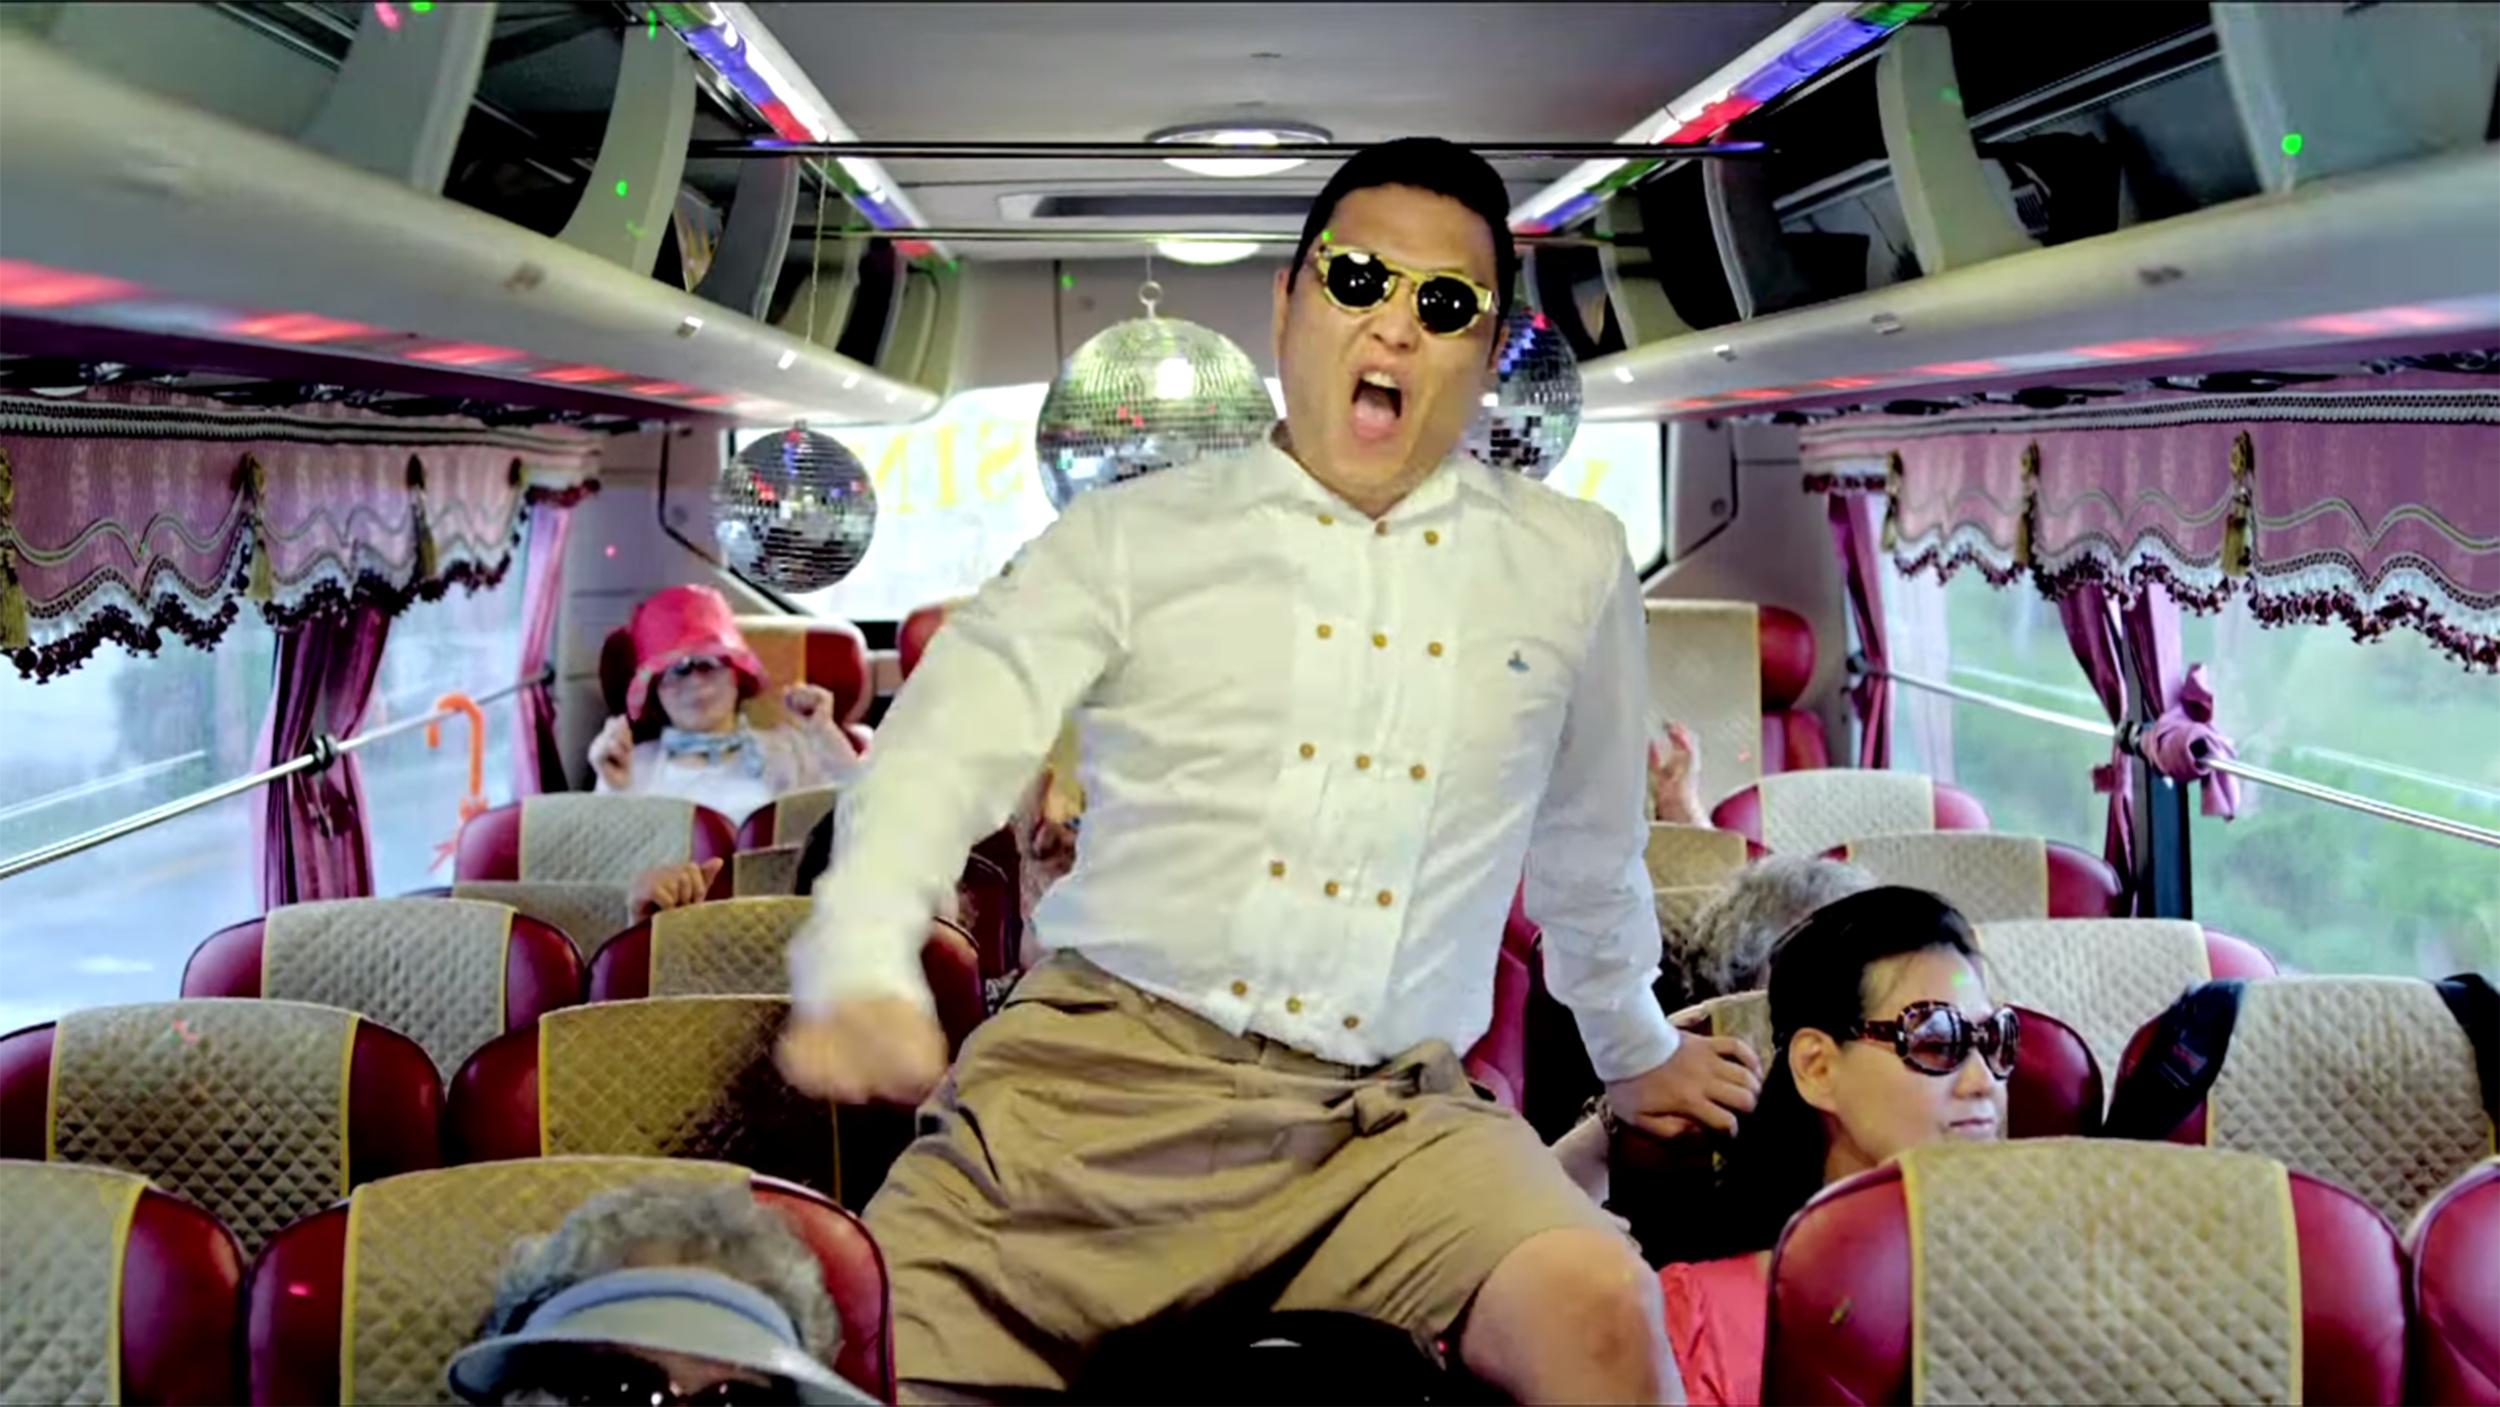 'Gangnam Style' breaks YouTube - 1424.1KB